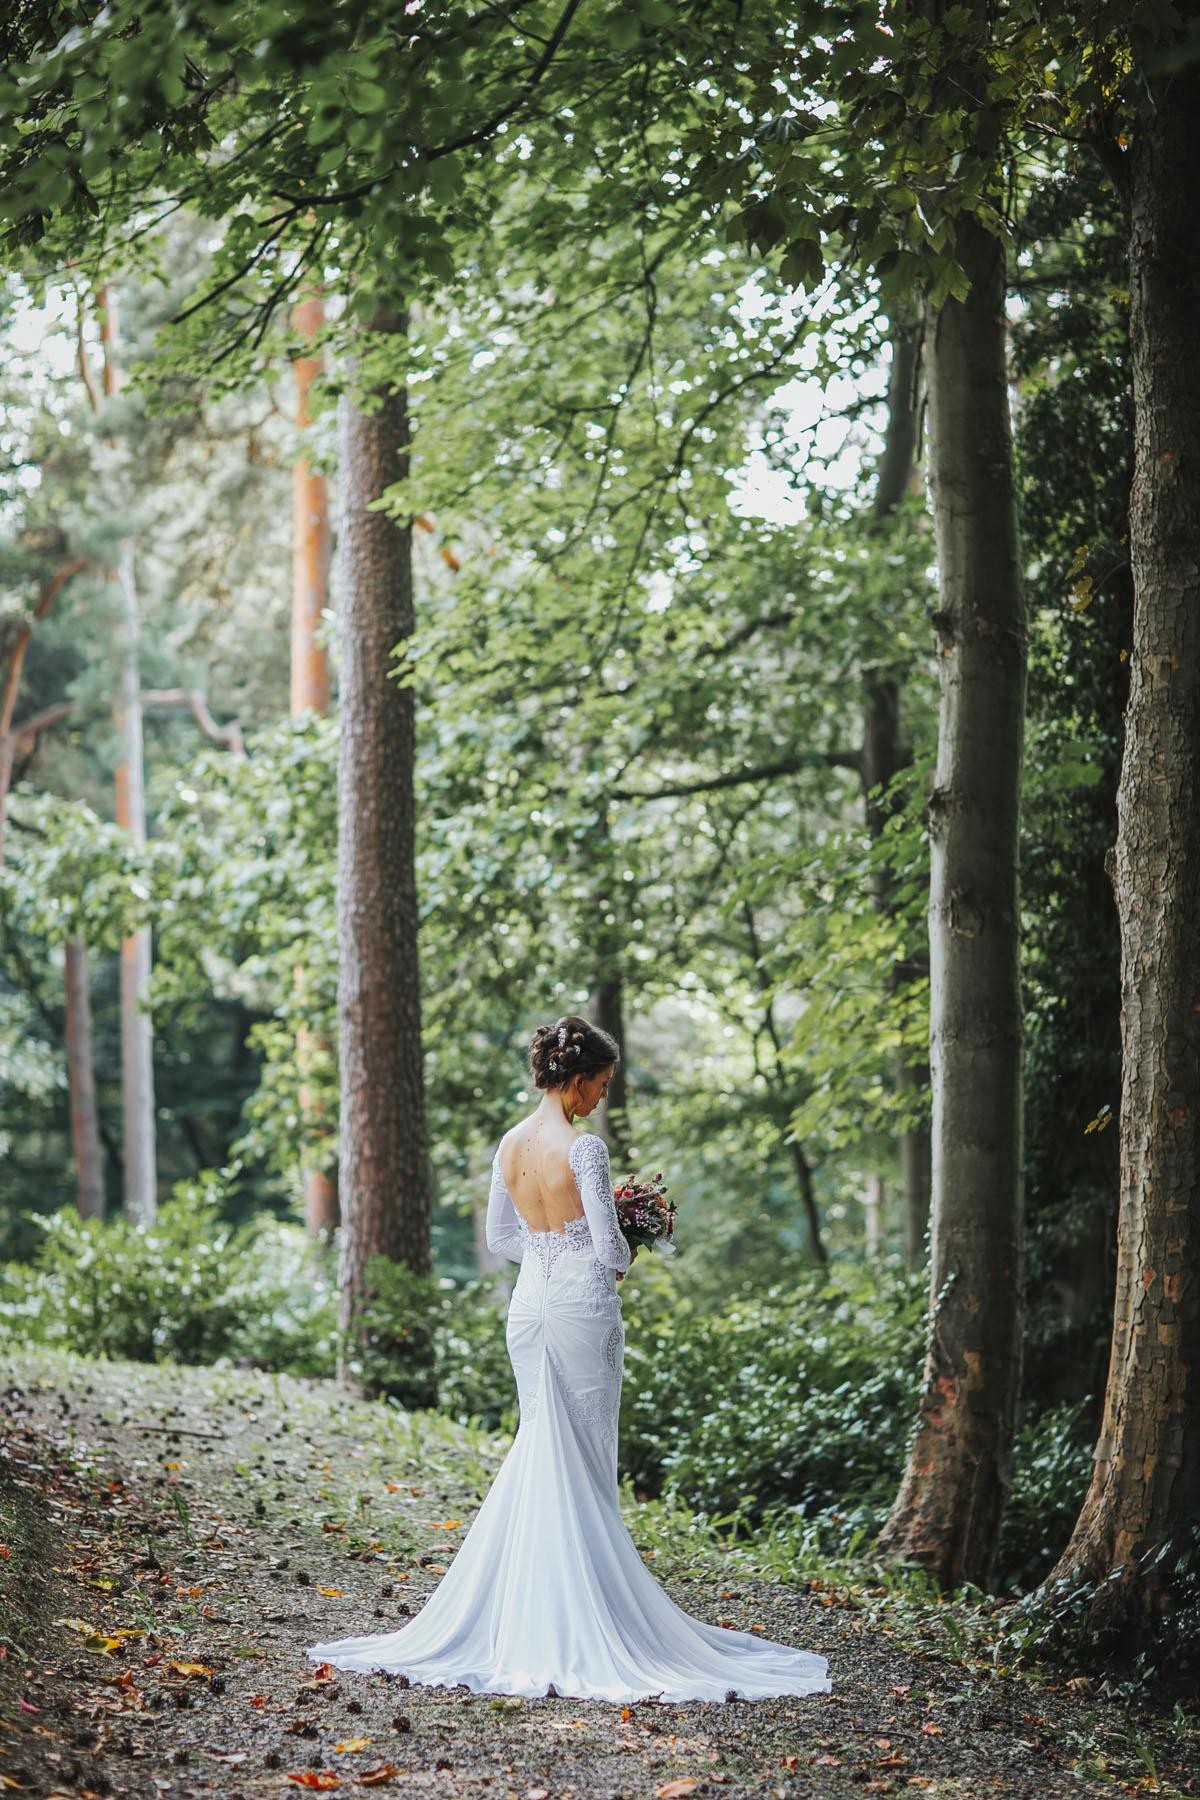 Alica+ Carsten | Freie Trauung im eigenen Garten - Fotografin Guelten Hamidanoglu Koeln Hochzeiten Hochzeitsfotos  243